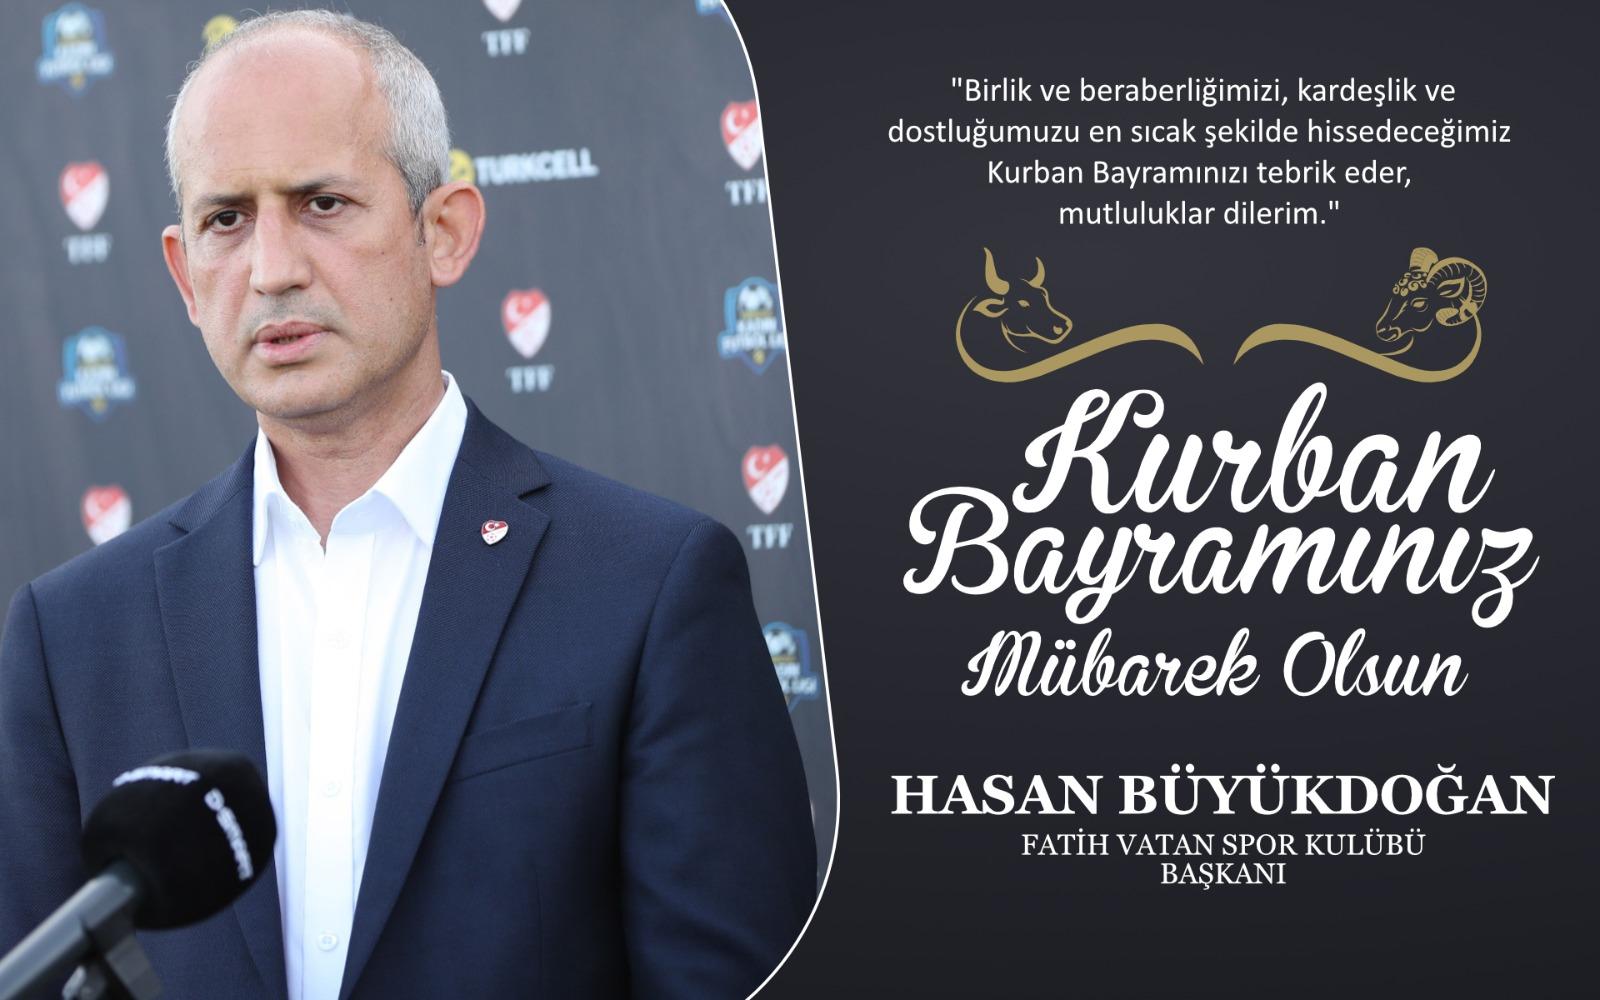 Hasan Büyükdoğan'dan Kurban Bayramı Kutlama Mesajı